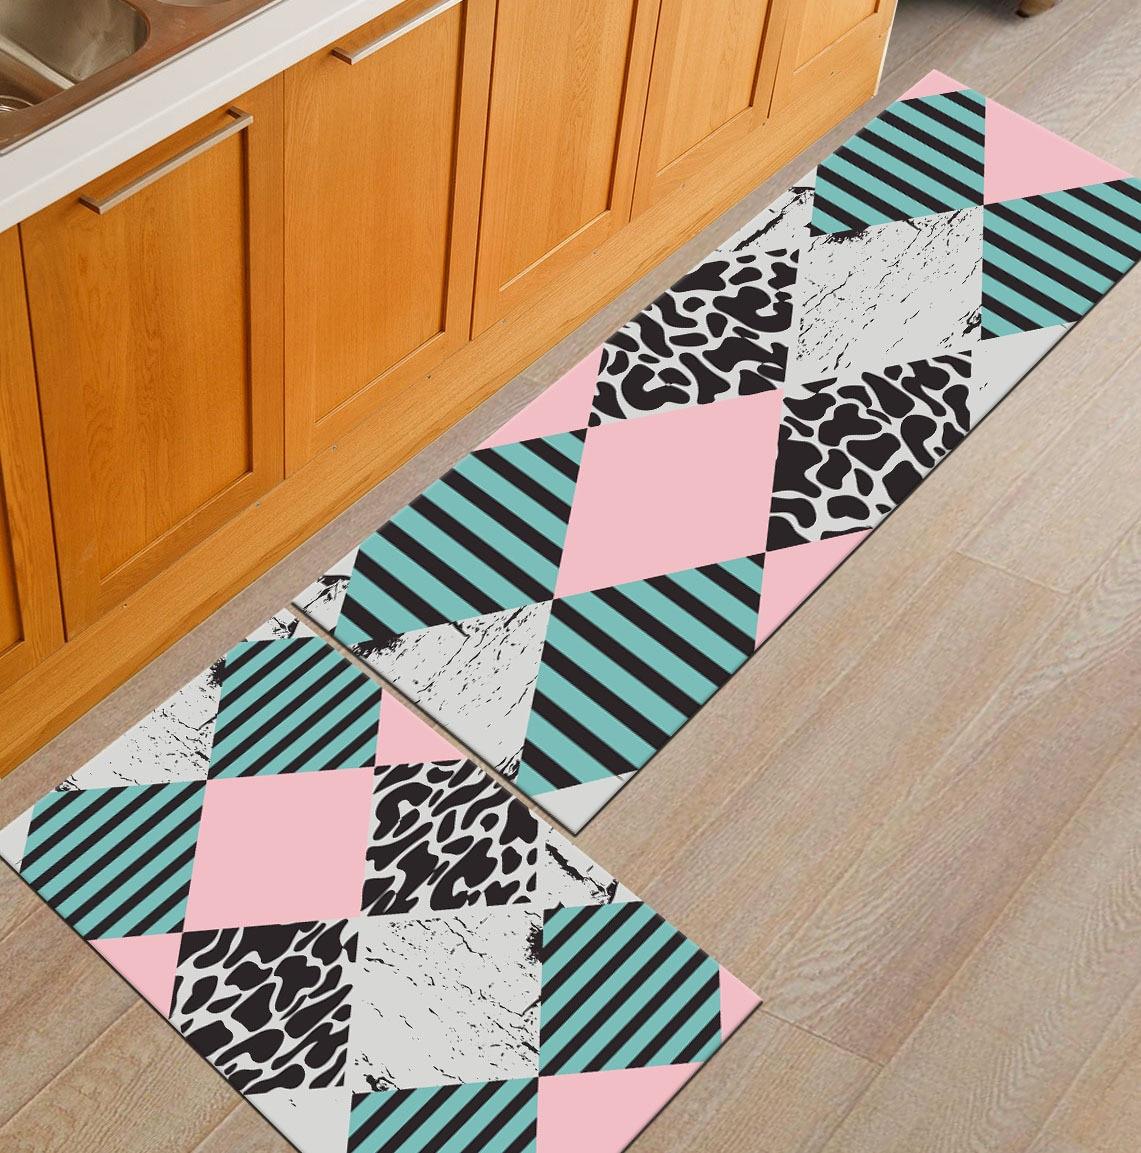 Zeegle Добро пожаловать Entrane коврики против скольжения Кухня Rugs Гостиная ковры Спальня прикроватные коврики Кофе стол коврики коврик для ванн...